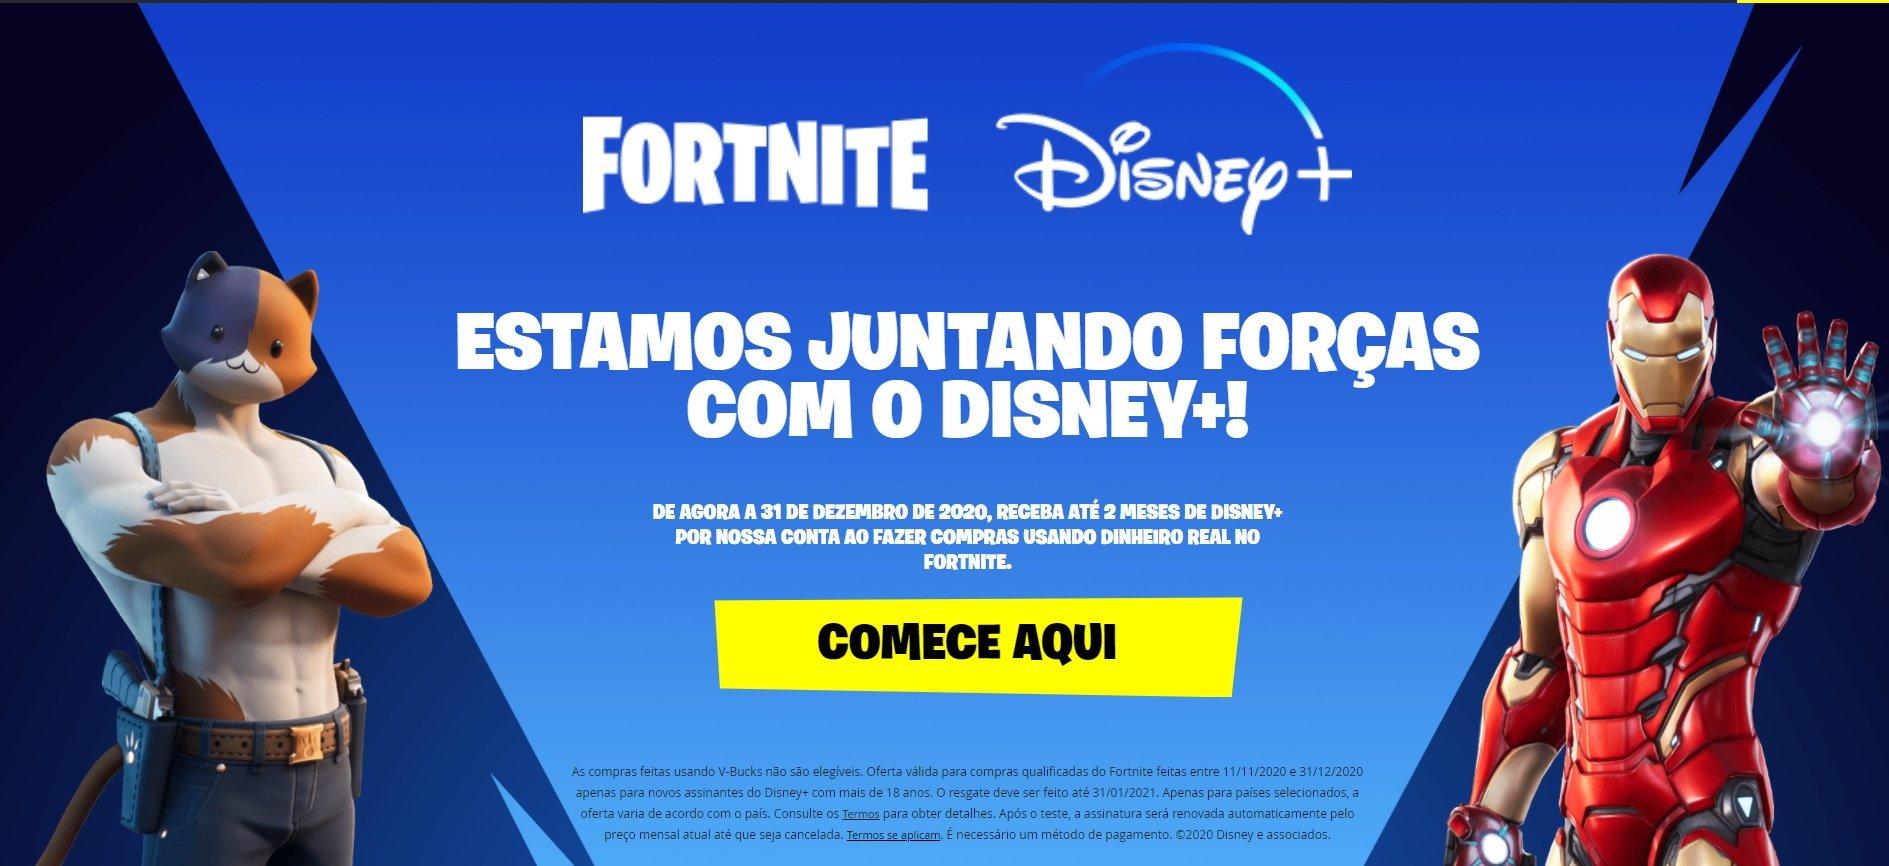 Os jogadores do Fortnite poderam adquirir dois meses de acesso ao Disney+ atráves de uma promoção, veja como você pode participar.